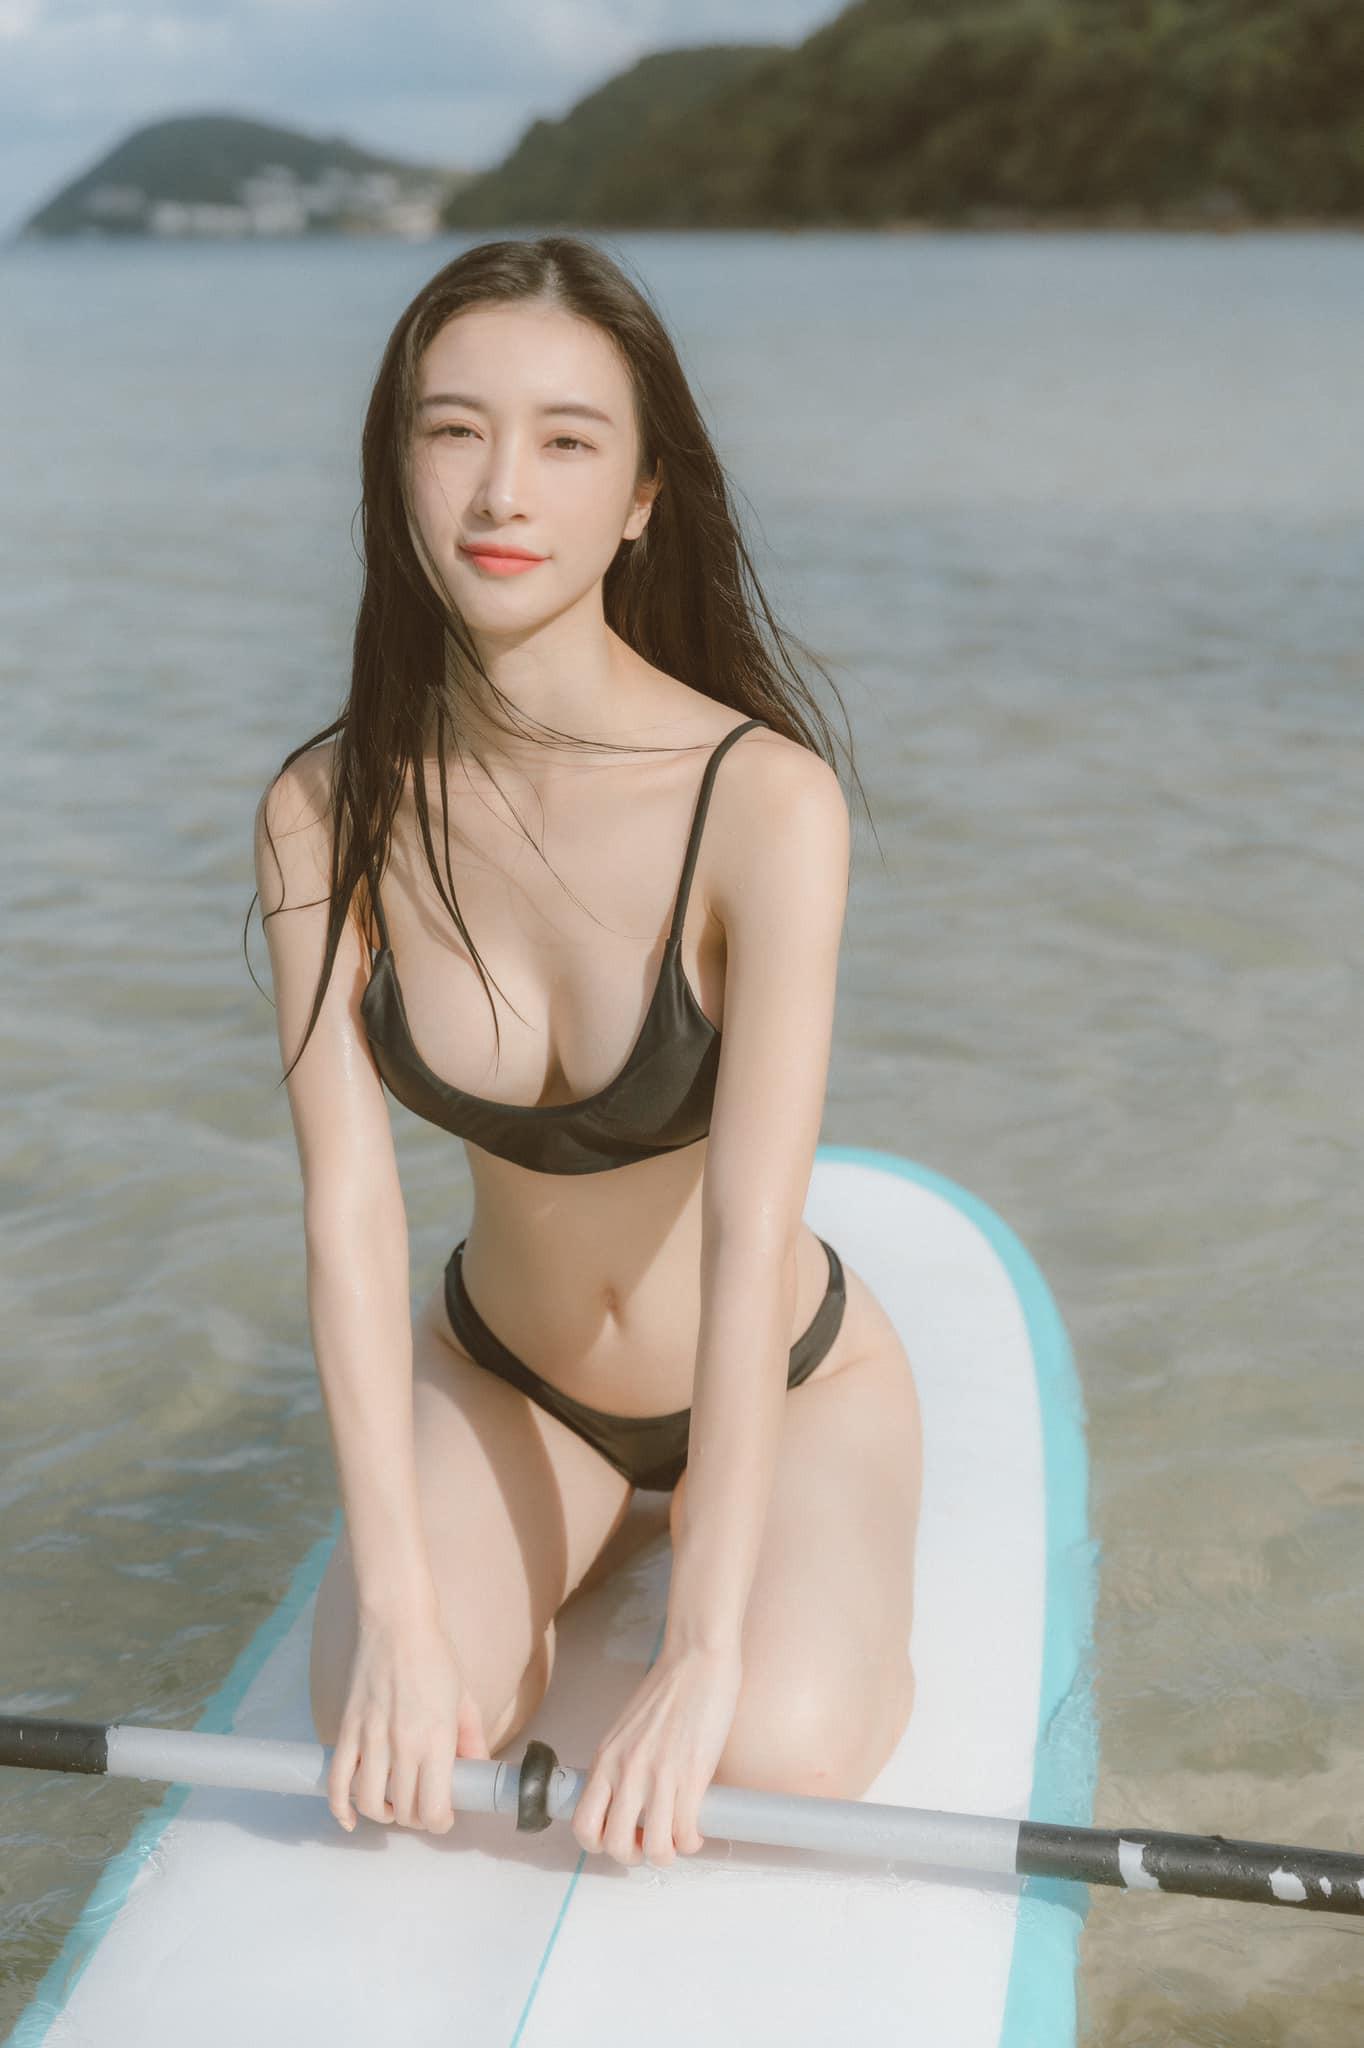 tron bo hinh nen bikini dep cho dien thoai hot nhat nam 2020 15